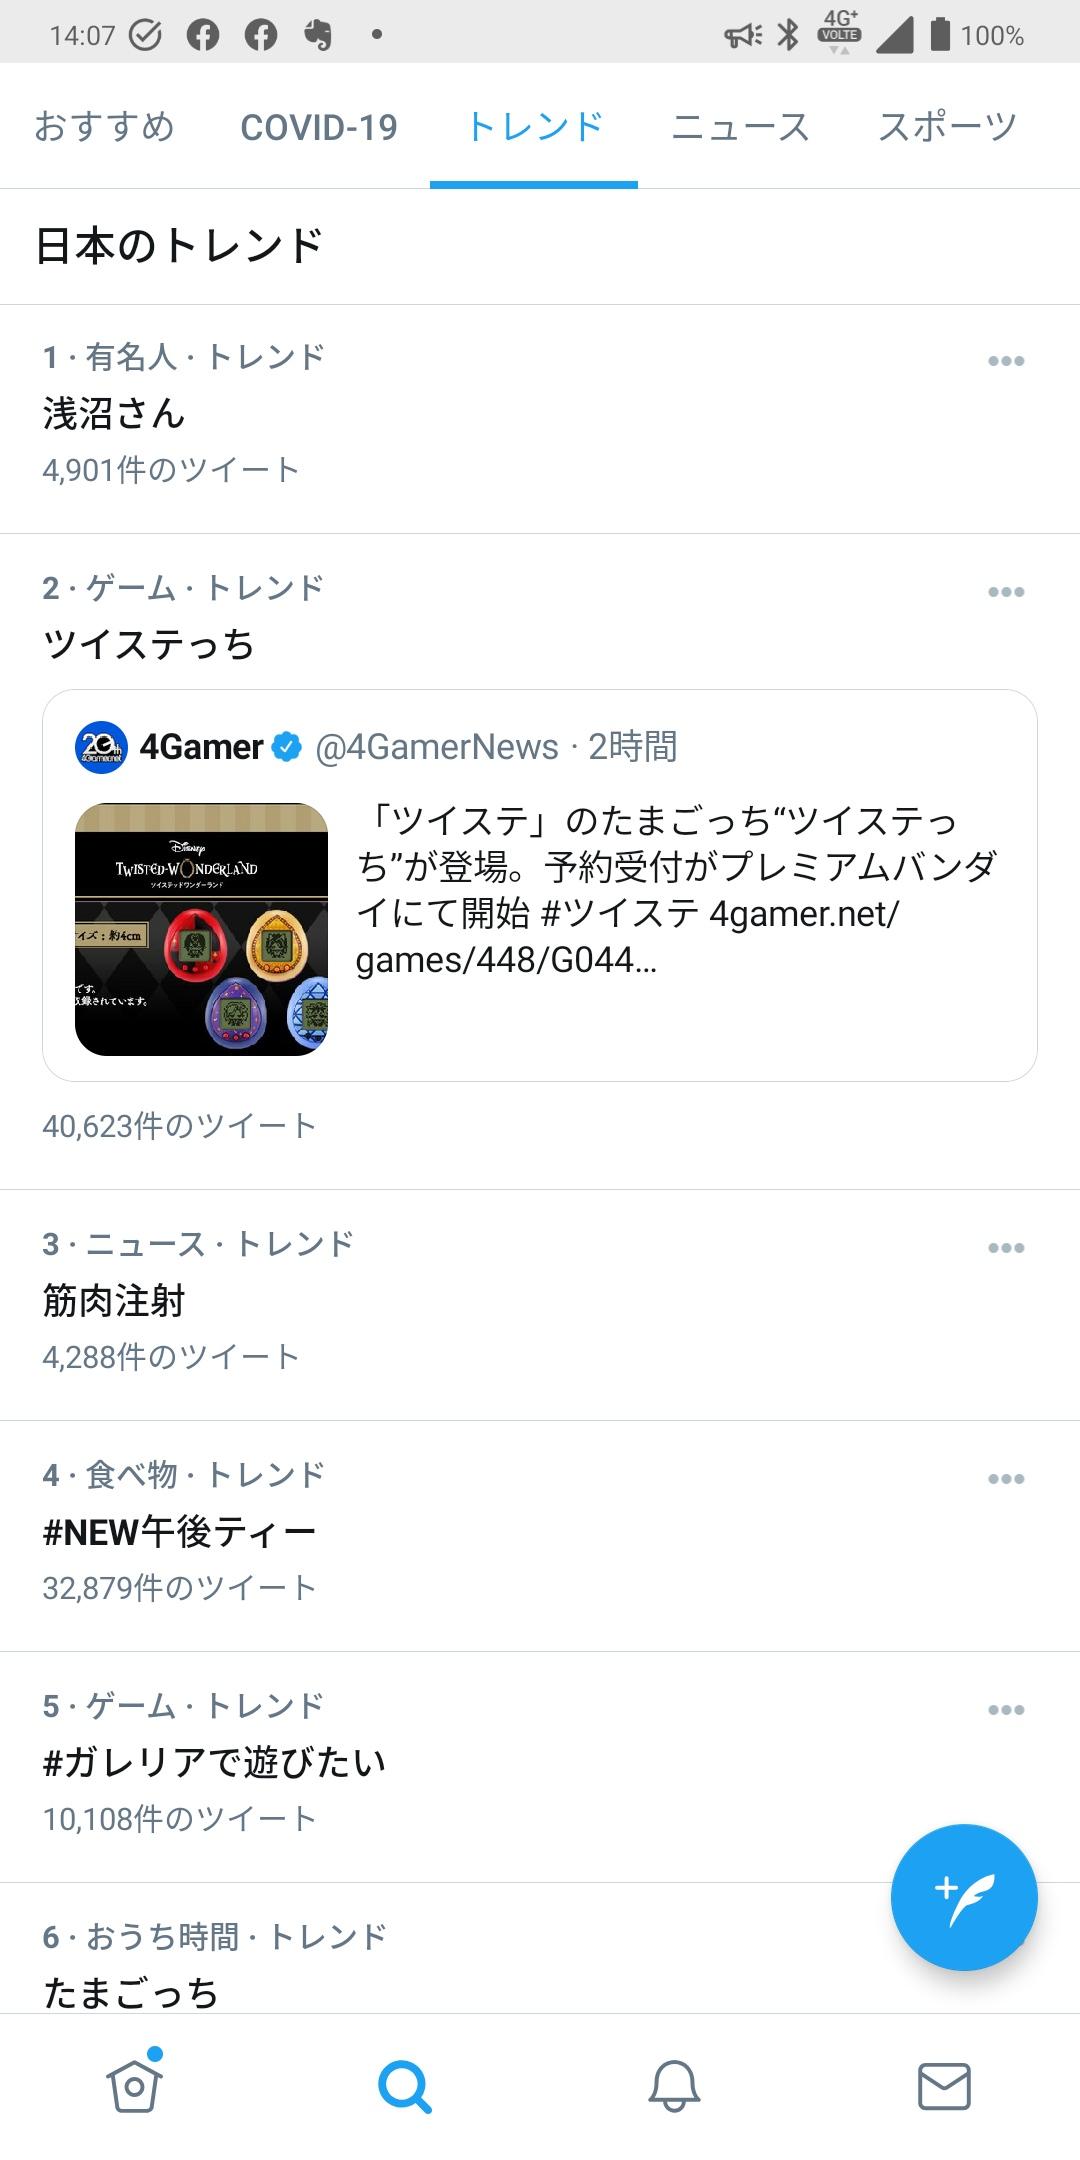 2021/01/25Twitterトレンド